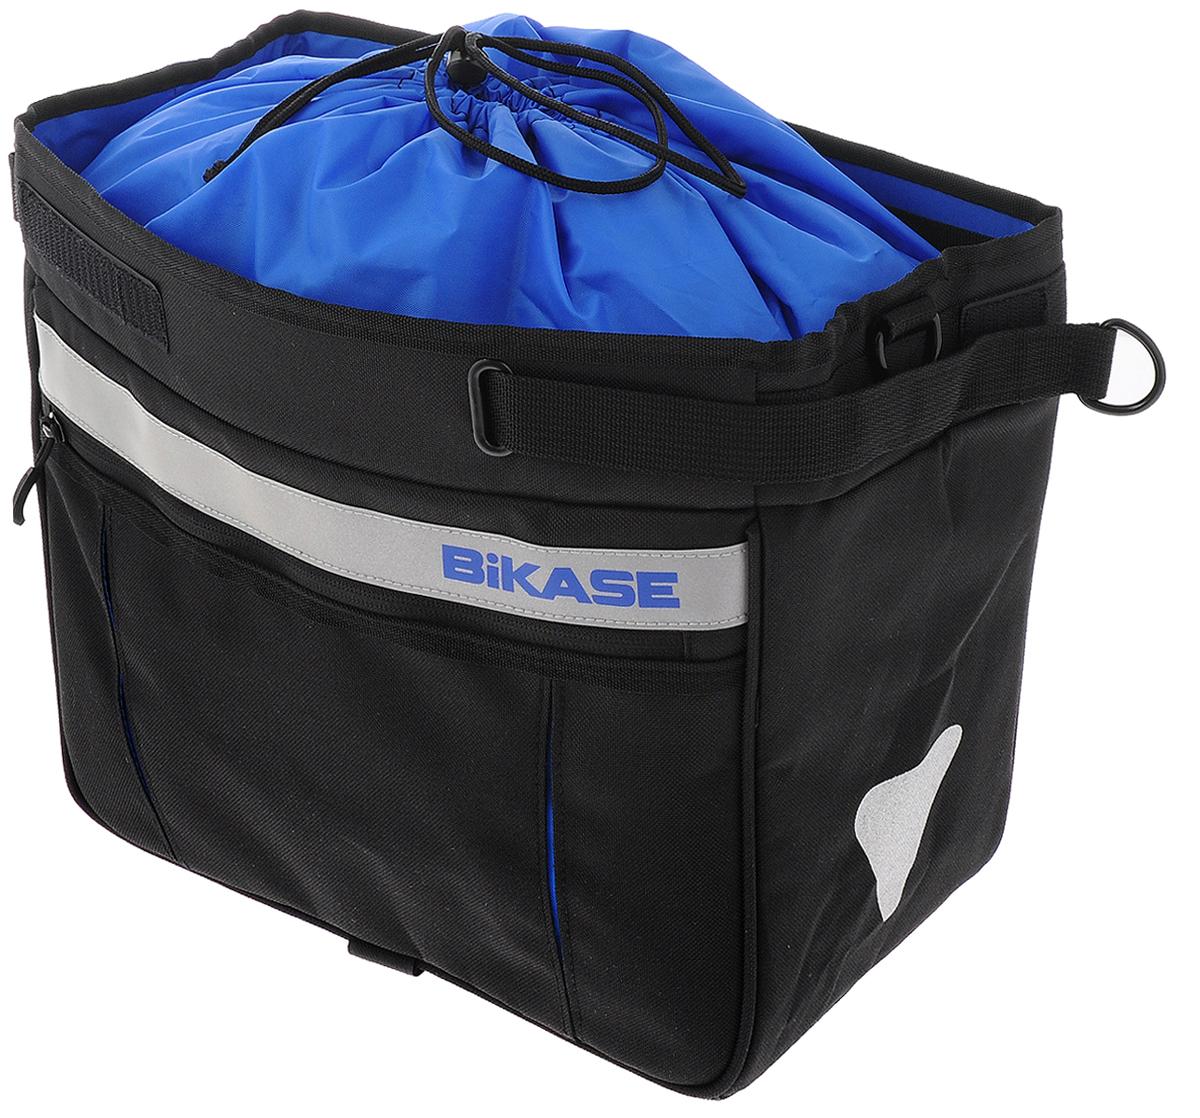 Раздвижная сумка на багажник BiKase Grocery Pannier, цвет: черный, синий, серебристыйAIRWHEEL Q3-340WH-BLACKУдобная портативная сумка на багажник BiKase Grocery Pannier выполнена из высококачественного нейлона и оснащена твердой пластиковой вставкой. Подходит к большинству типов багажников. Раздвигается до сумки стандартных размеров. Сумка оснащена одним вместительным отделением, сбоку размещен карман для мелких вещей на застежке-молнии. Светоотражающие вставки обеспечивают вашу безопасность на дороге. Выдерживает 11 кг нагрузки. Сумка оснащена кольцами для подвешивания ремня (не входит в комплект).Размер в разложенном виде: 34 х 16 х 26 см.Размер в сложенном виде: 36 х 26 х 6 см.